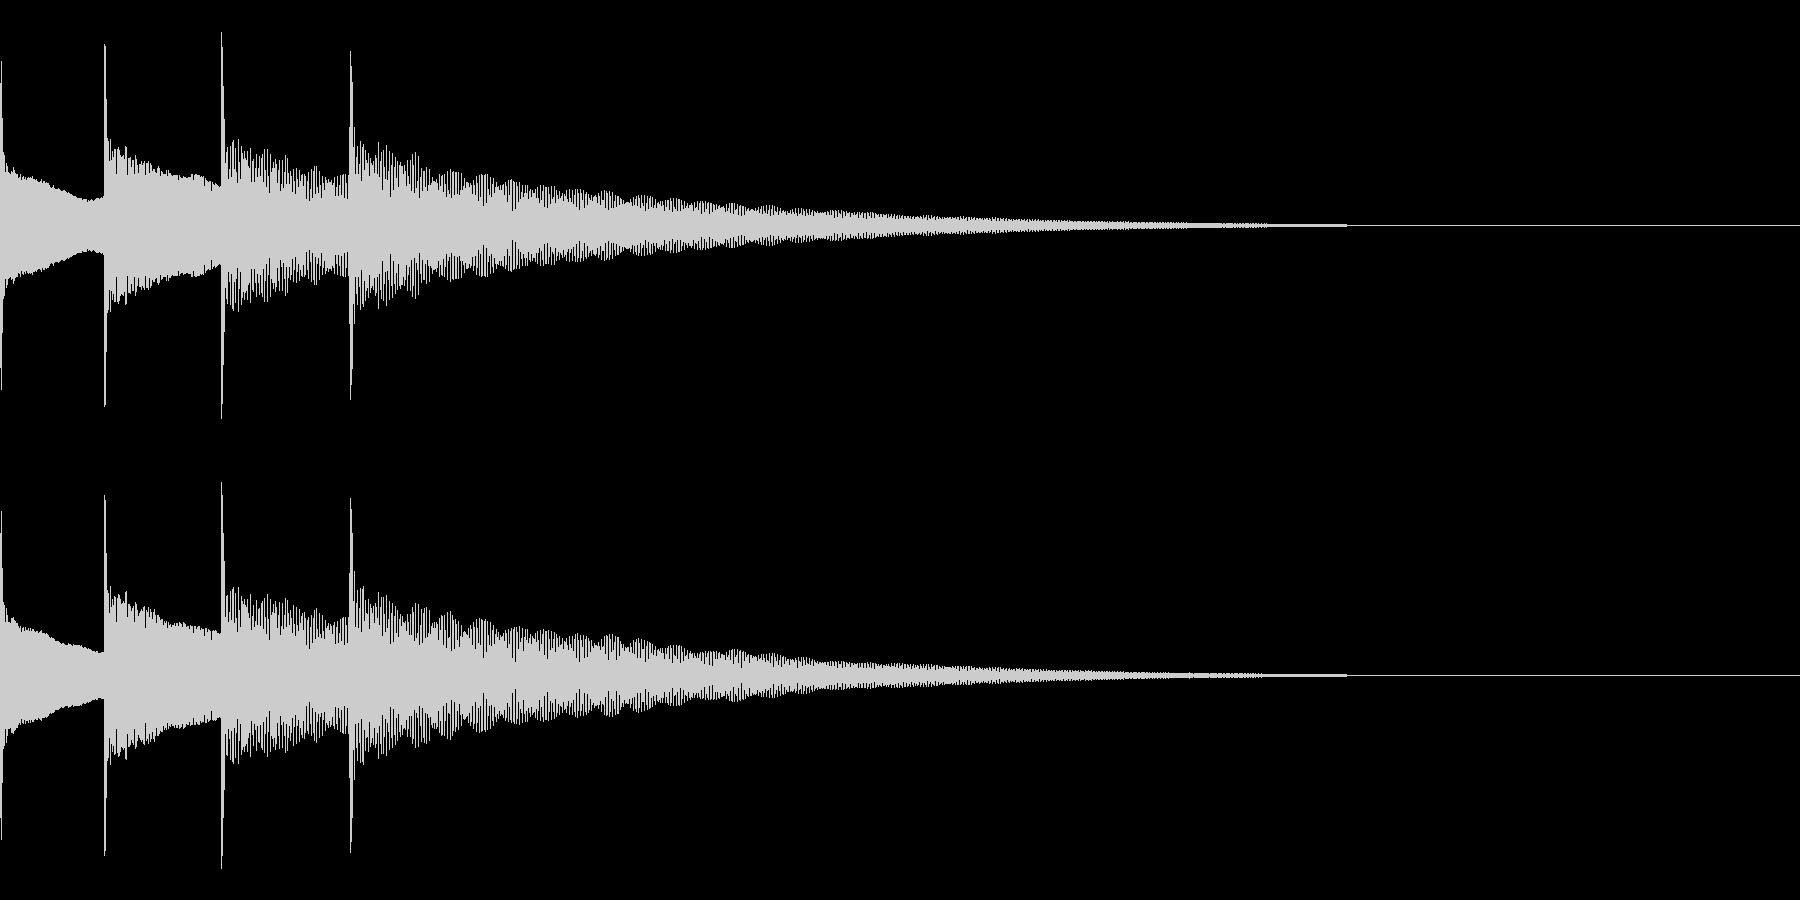 お知らせ音04(ピンポンパンポン)下降Aの未再生の波形